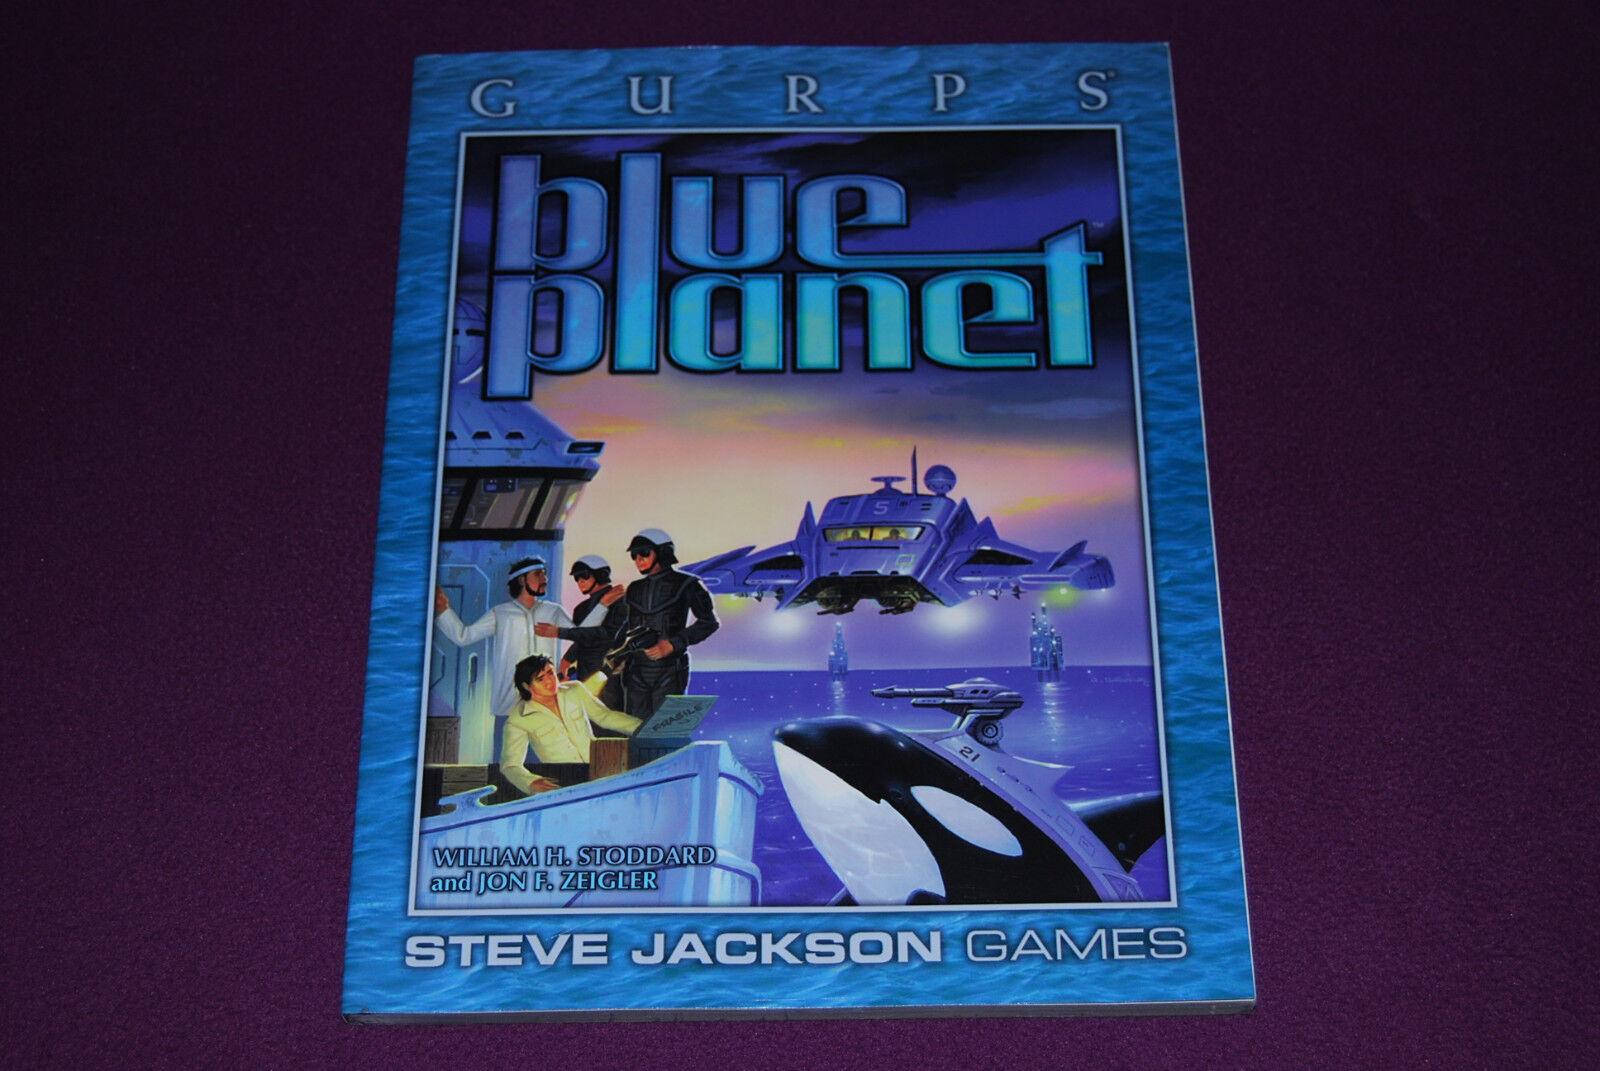 GURPS RPG JDR Jeu de Role  Générique - bleu Planet  vente avec grande remise